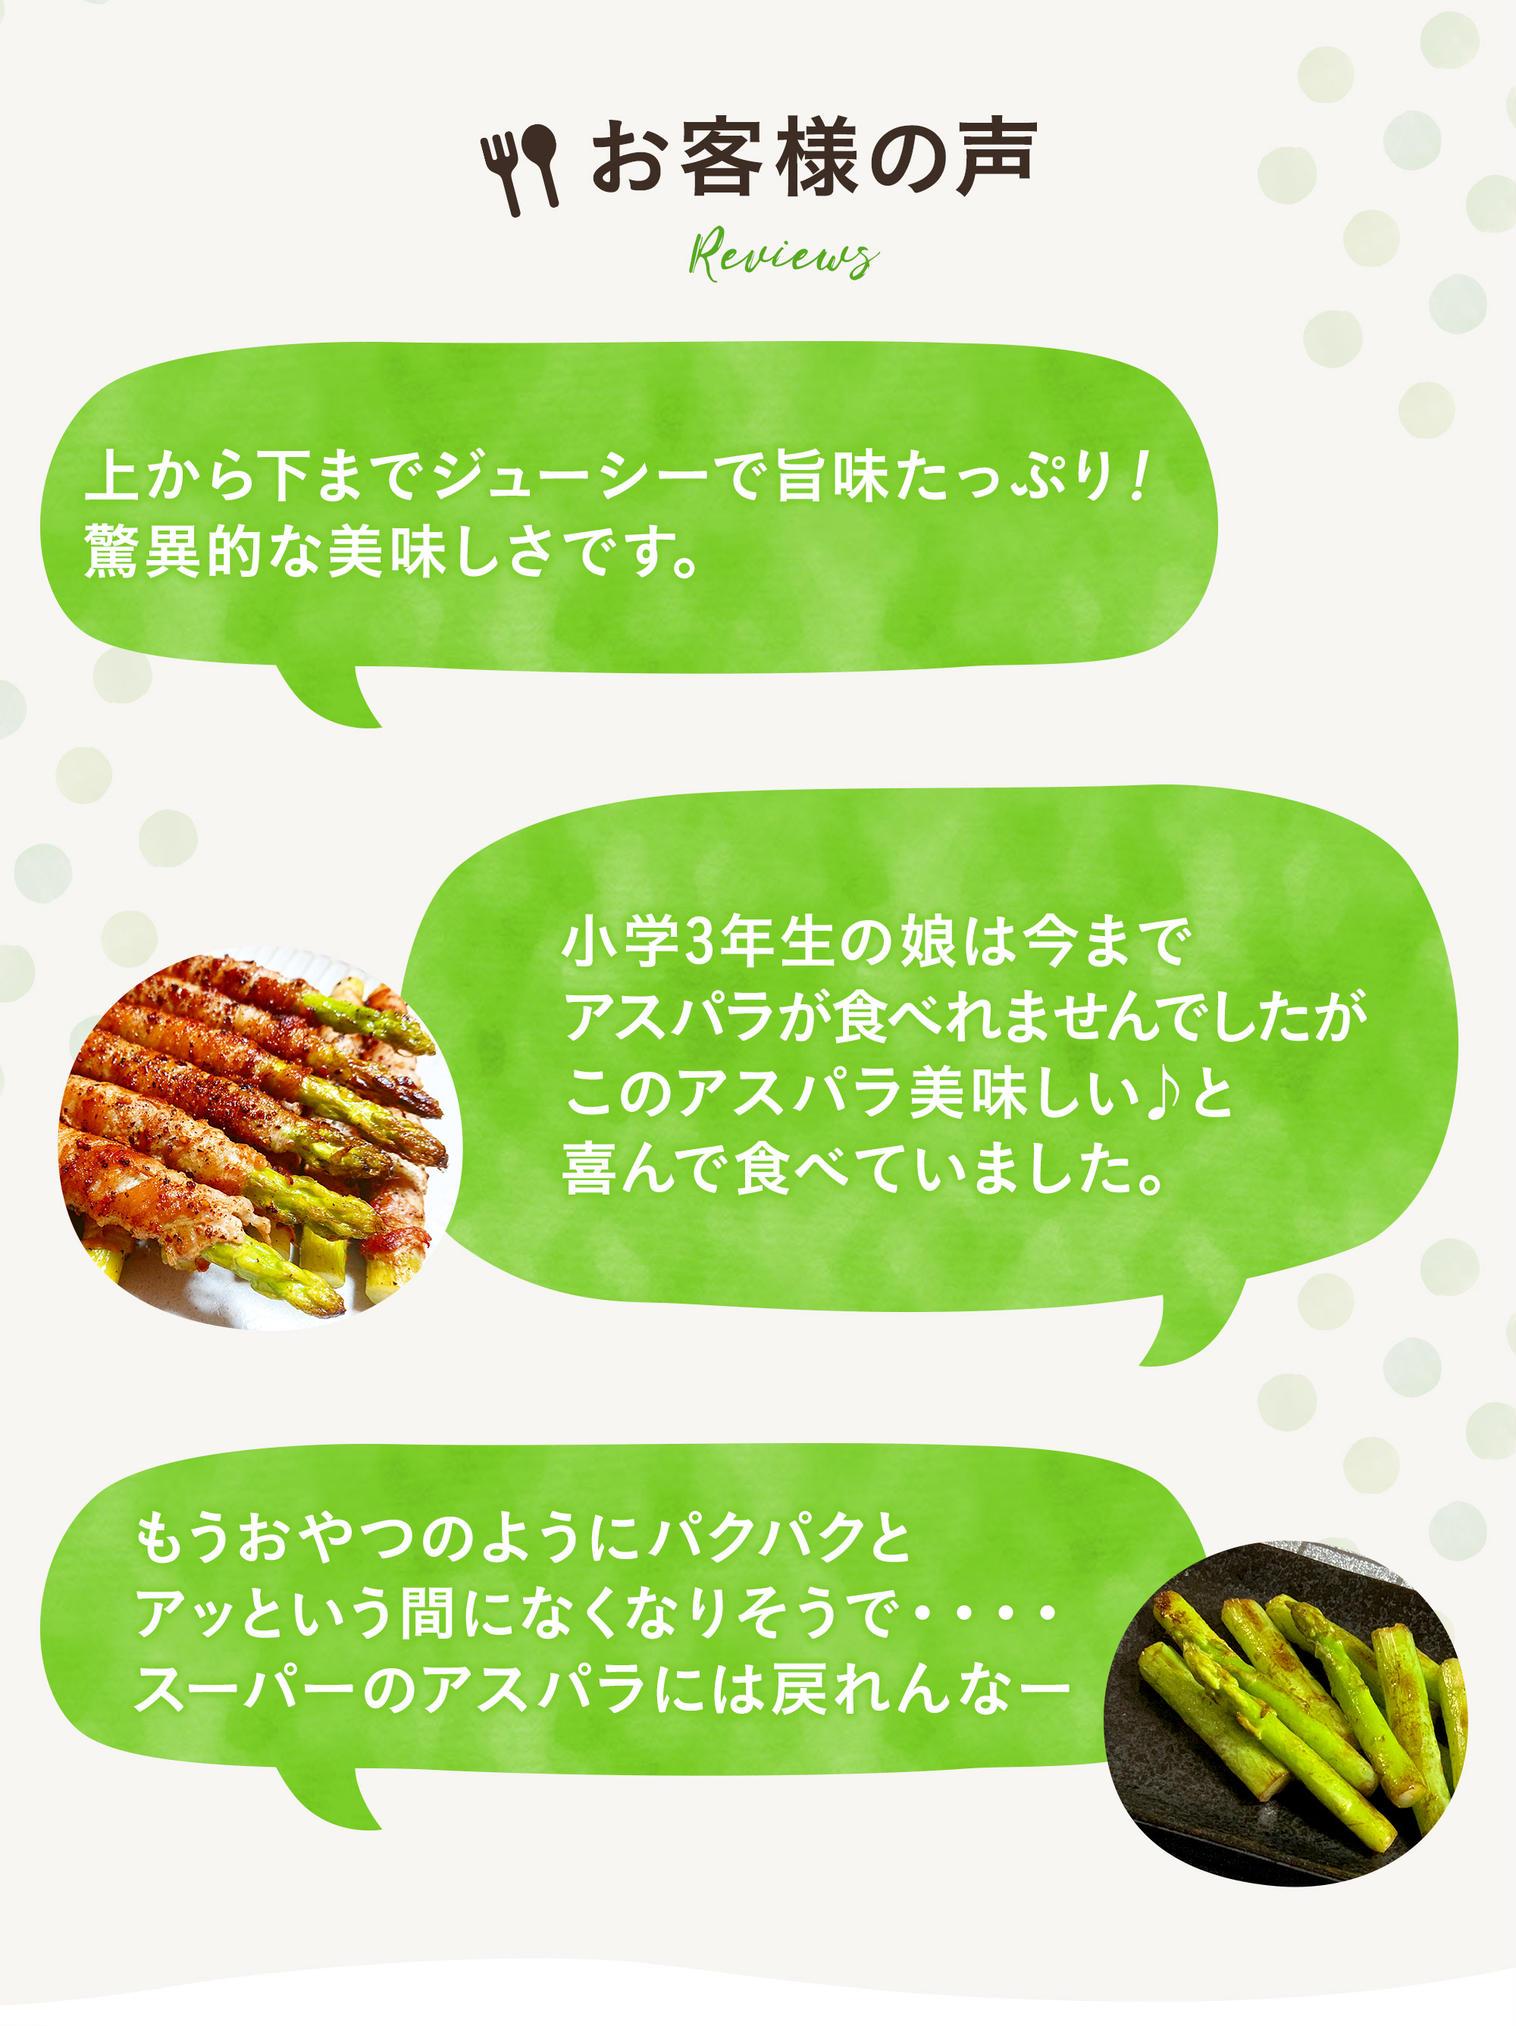 旅するような産直アウルでCMで山田杏奈演じるアウルさんが食べているおおもりやの朝採れ新鮮アスパラガスを産地直送でお取り寄せ